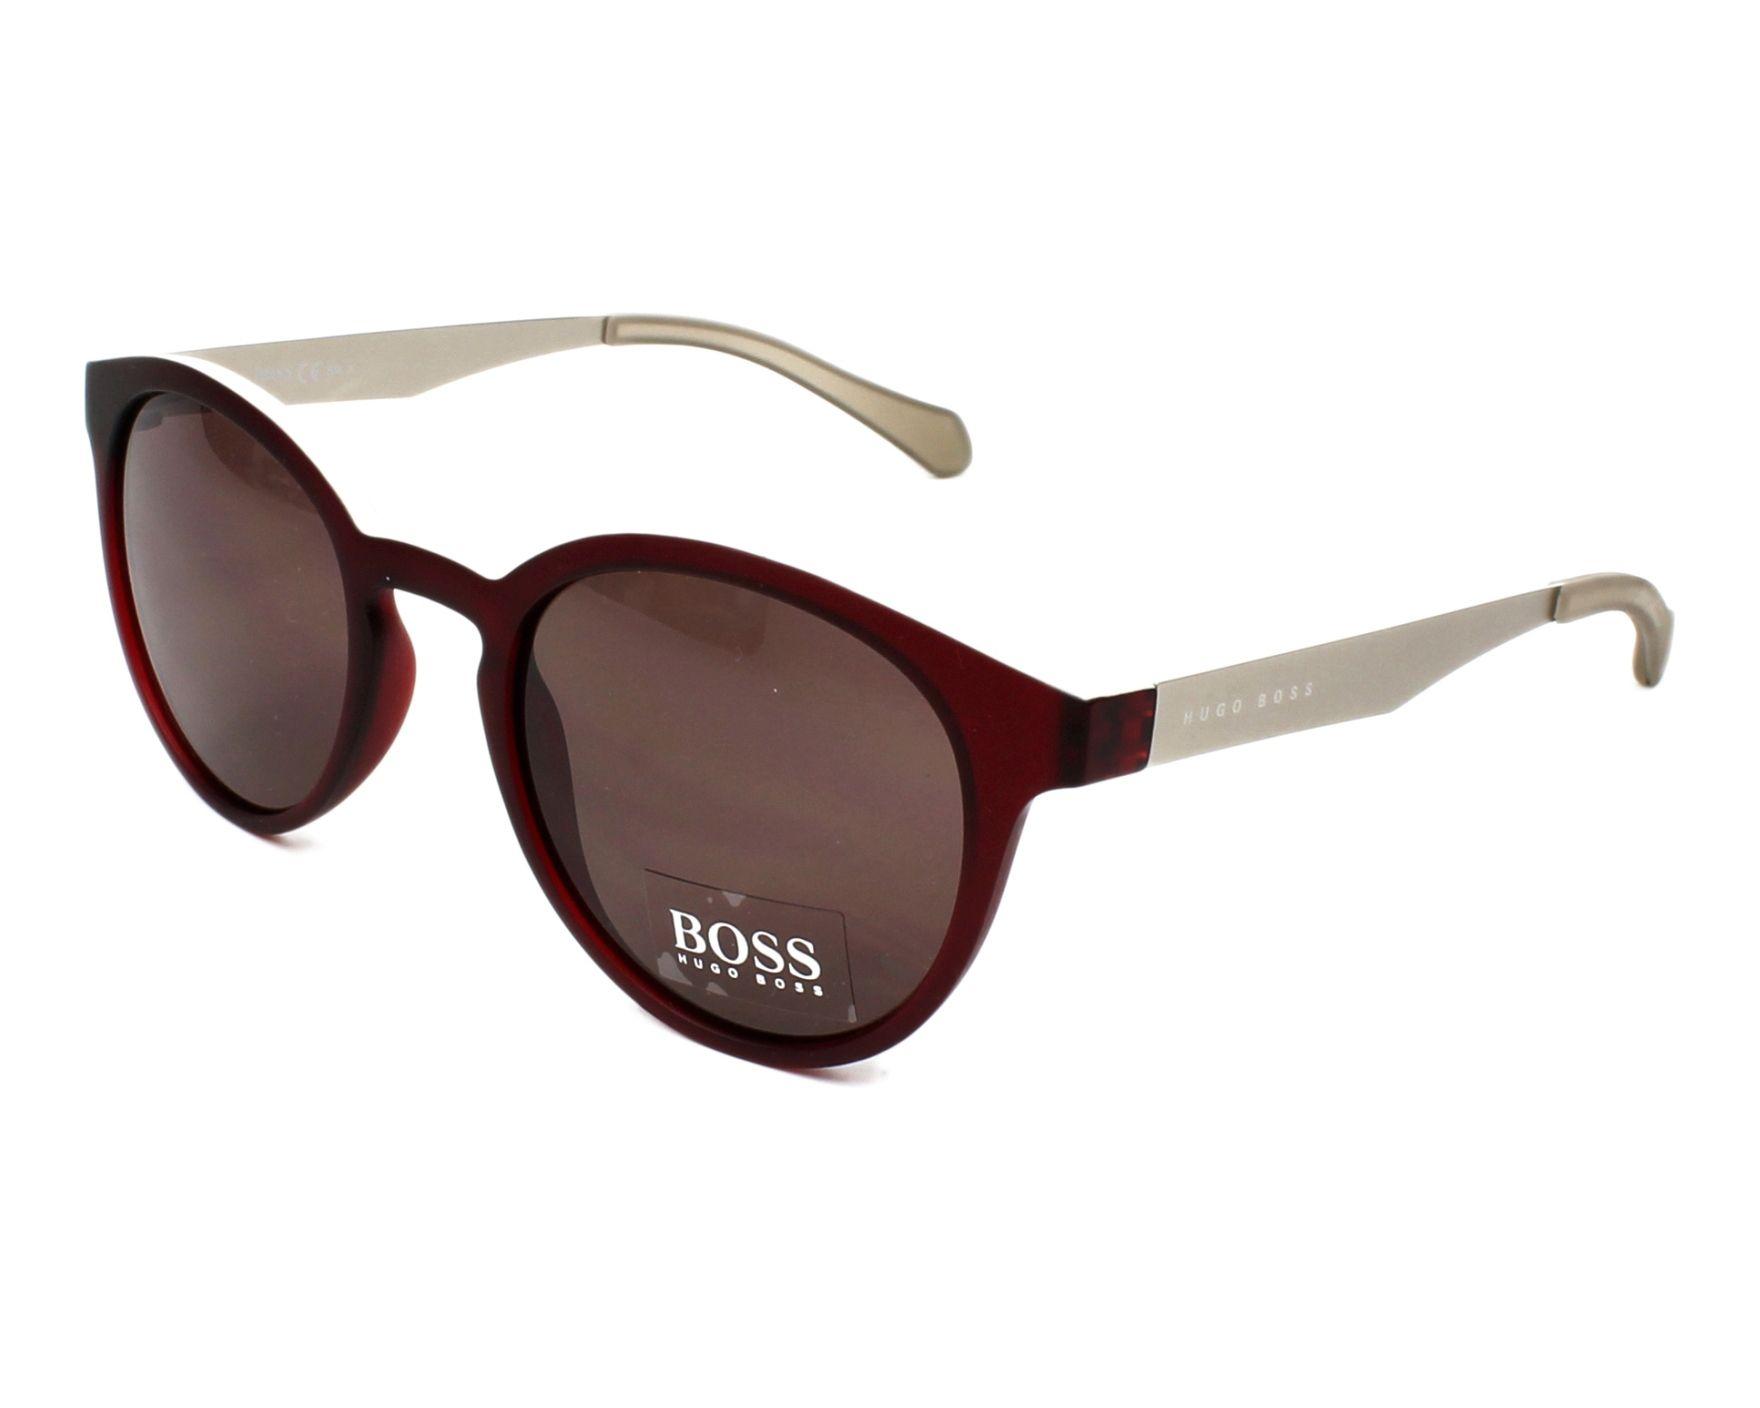 Boss Sonnenbrille » BOSS 0869/S«, braun, 05A/85 - braun